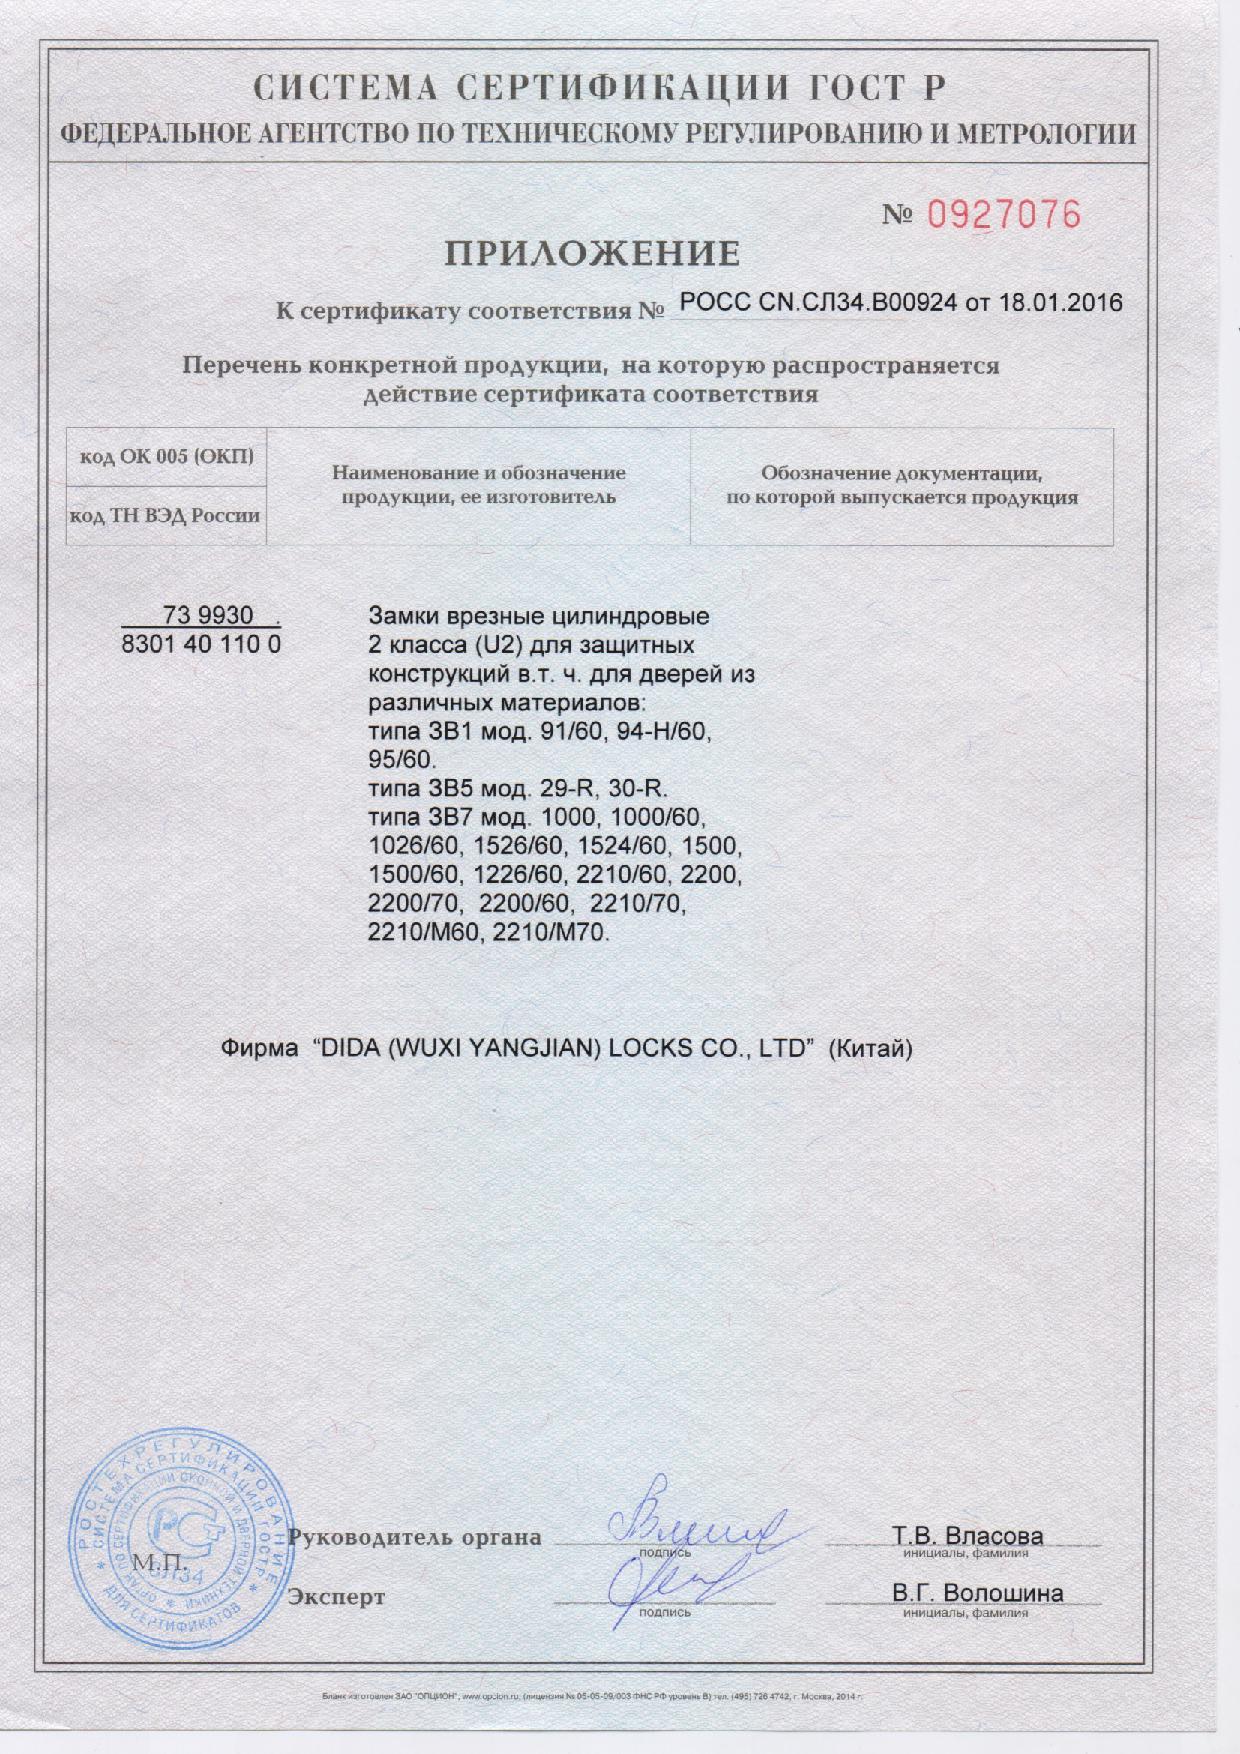 Приложение к сертификату на цилиндровые замки